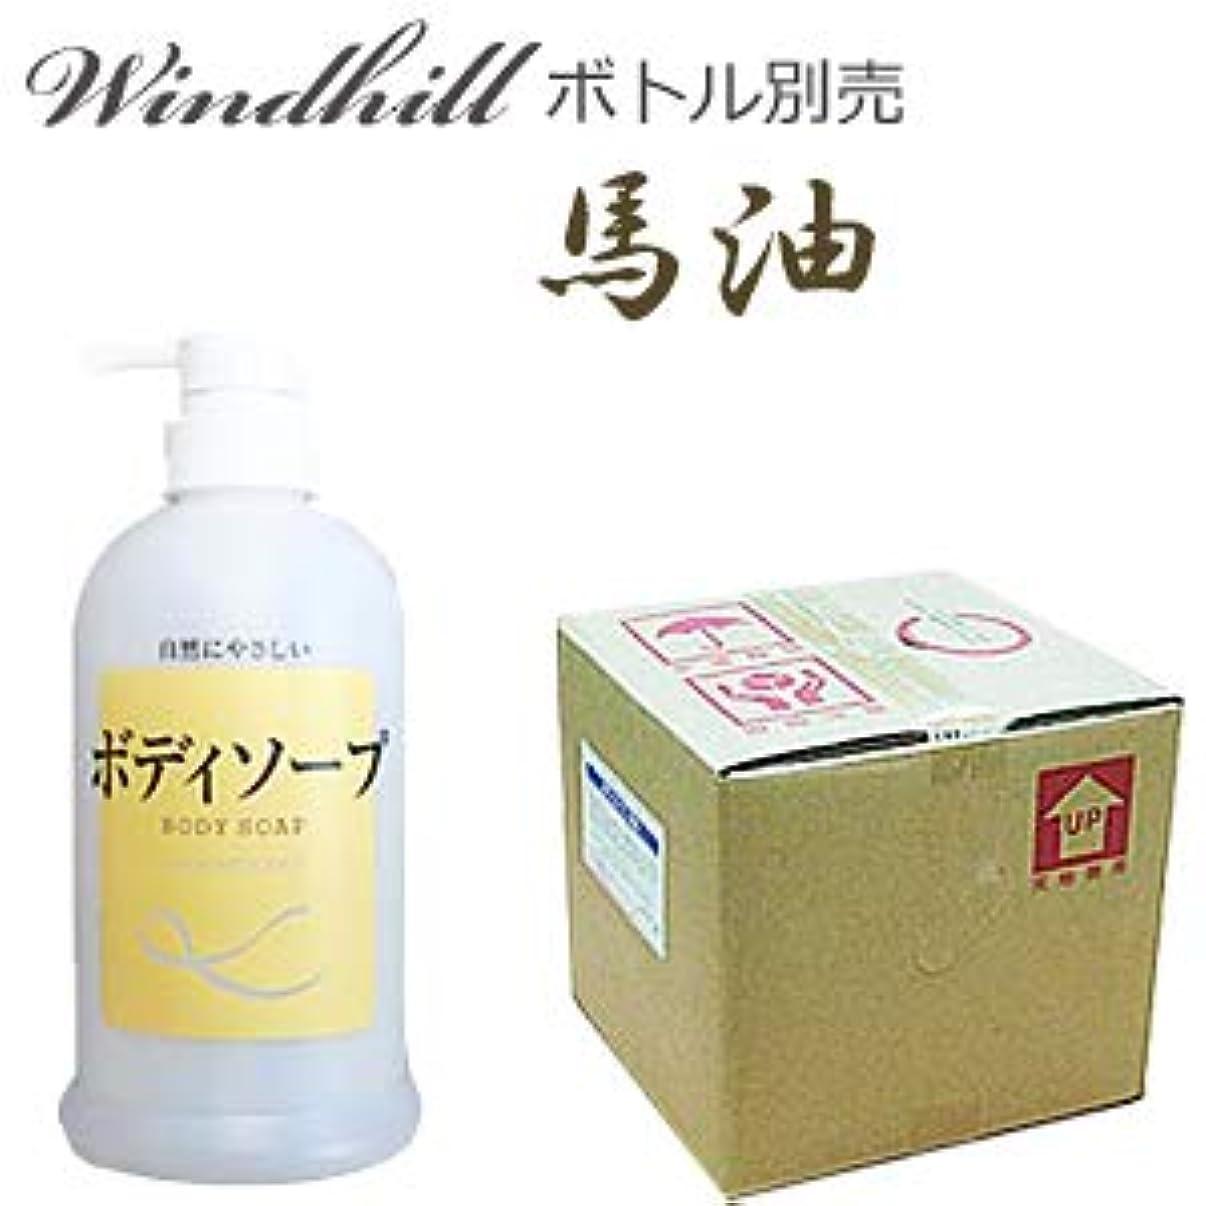 通訳スタジオ強いますなんと! 500ml当り190円 Windhill 馬油 業務用 ボディソープ   フローラルの香り 20L